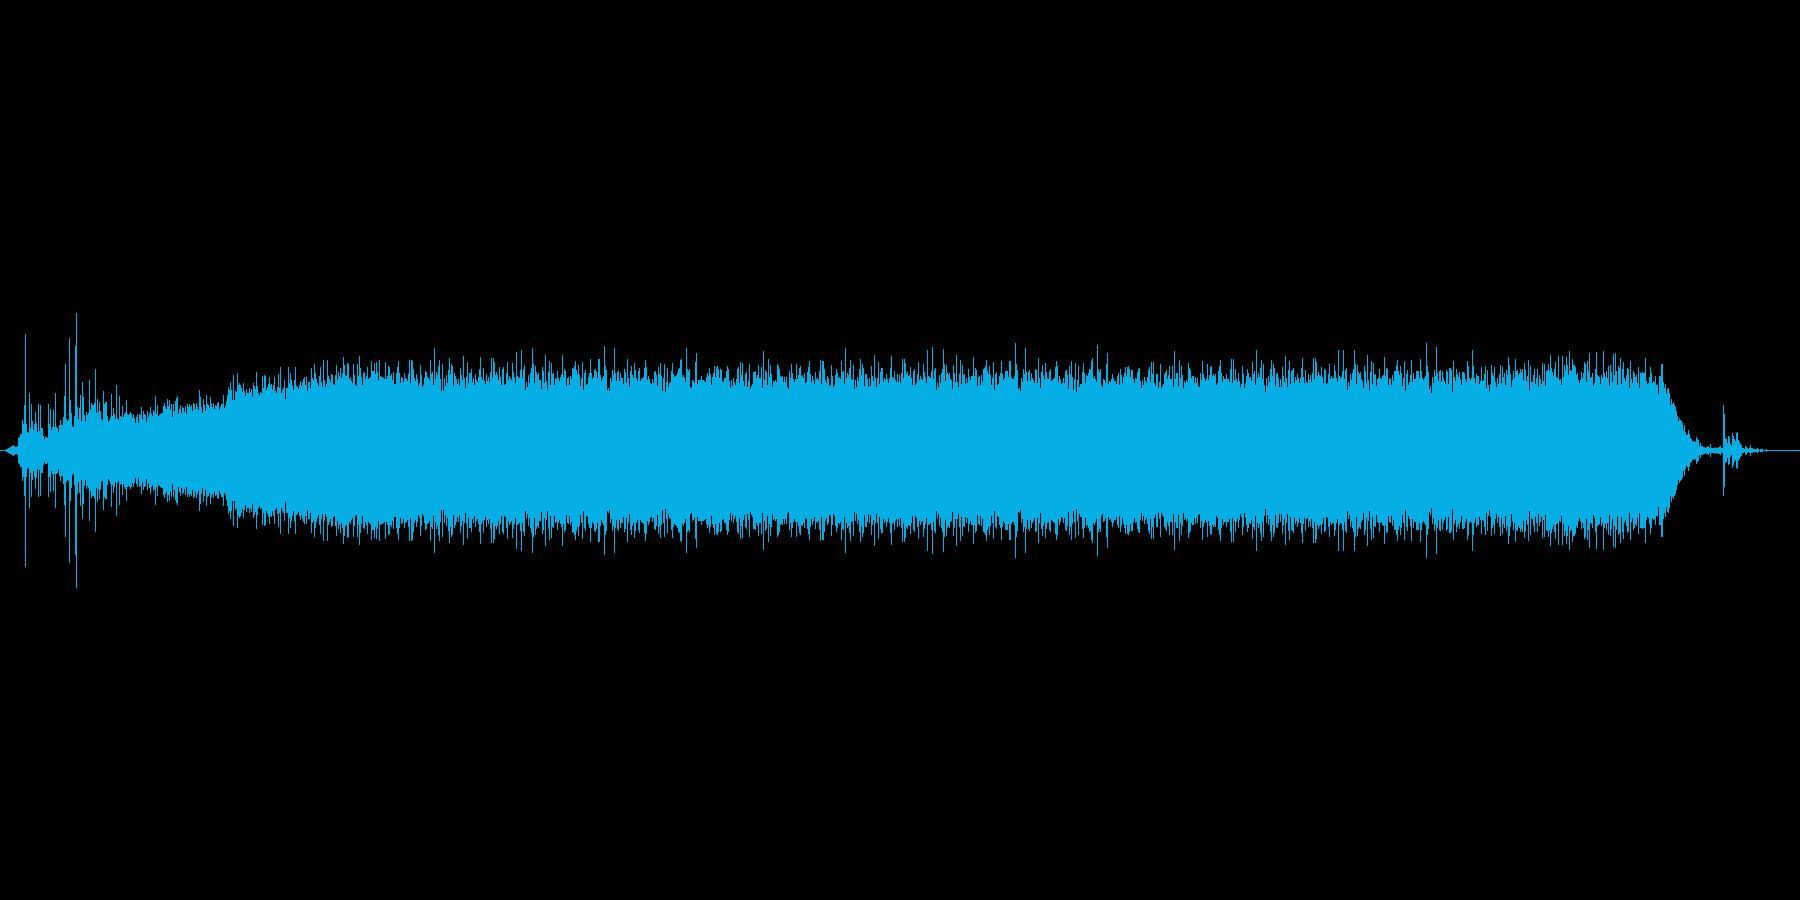 シャワー音(ジャー)の再生済みの波形